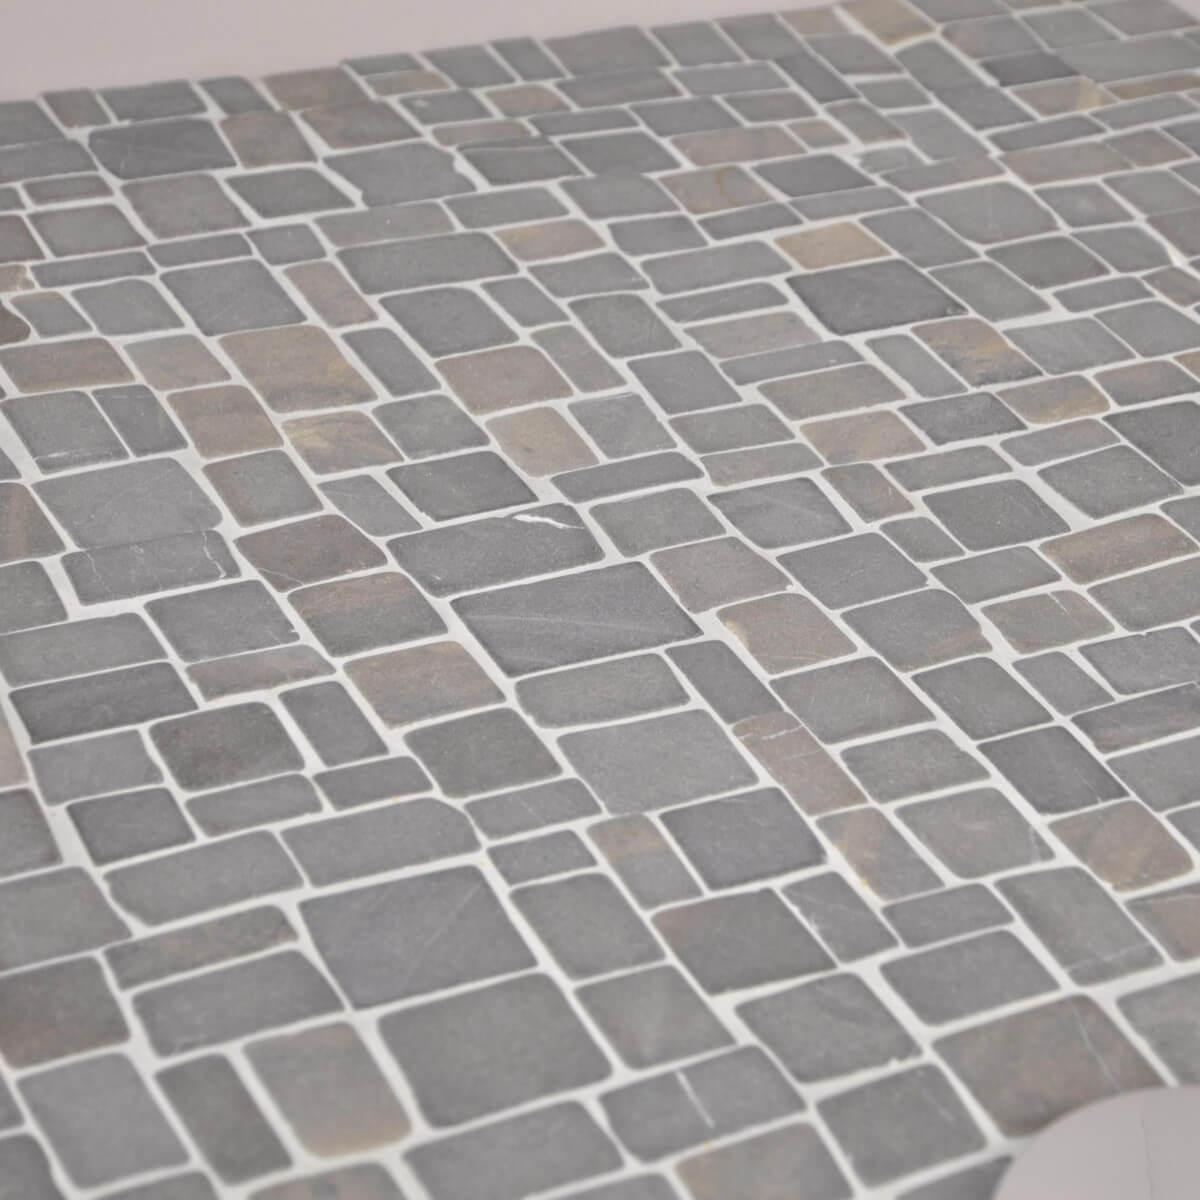 Mosaique En Marbre Gt Mosaique Carrelage Marbre Gris Astille Lame ...